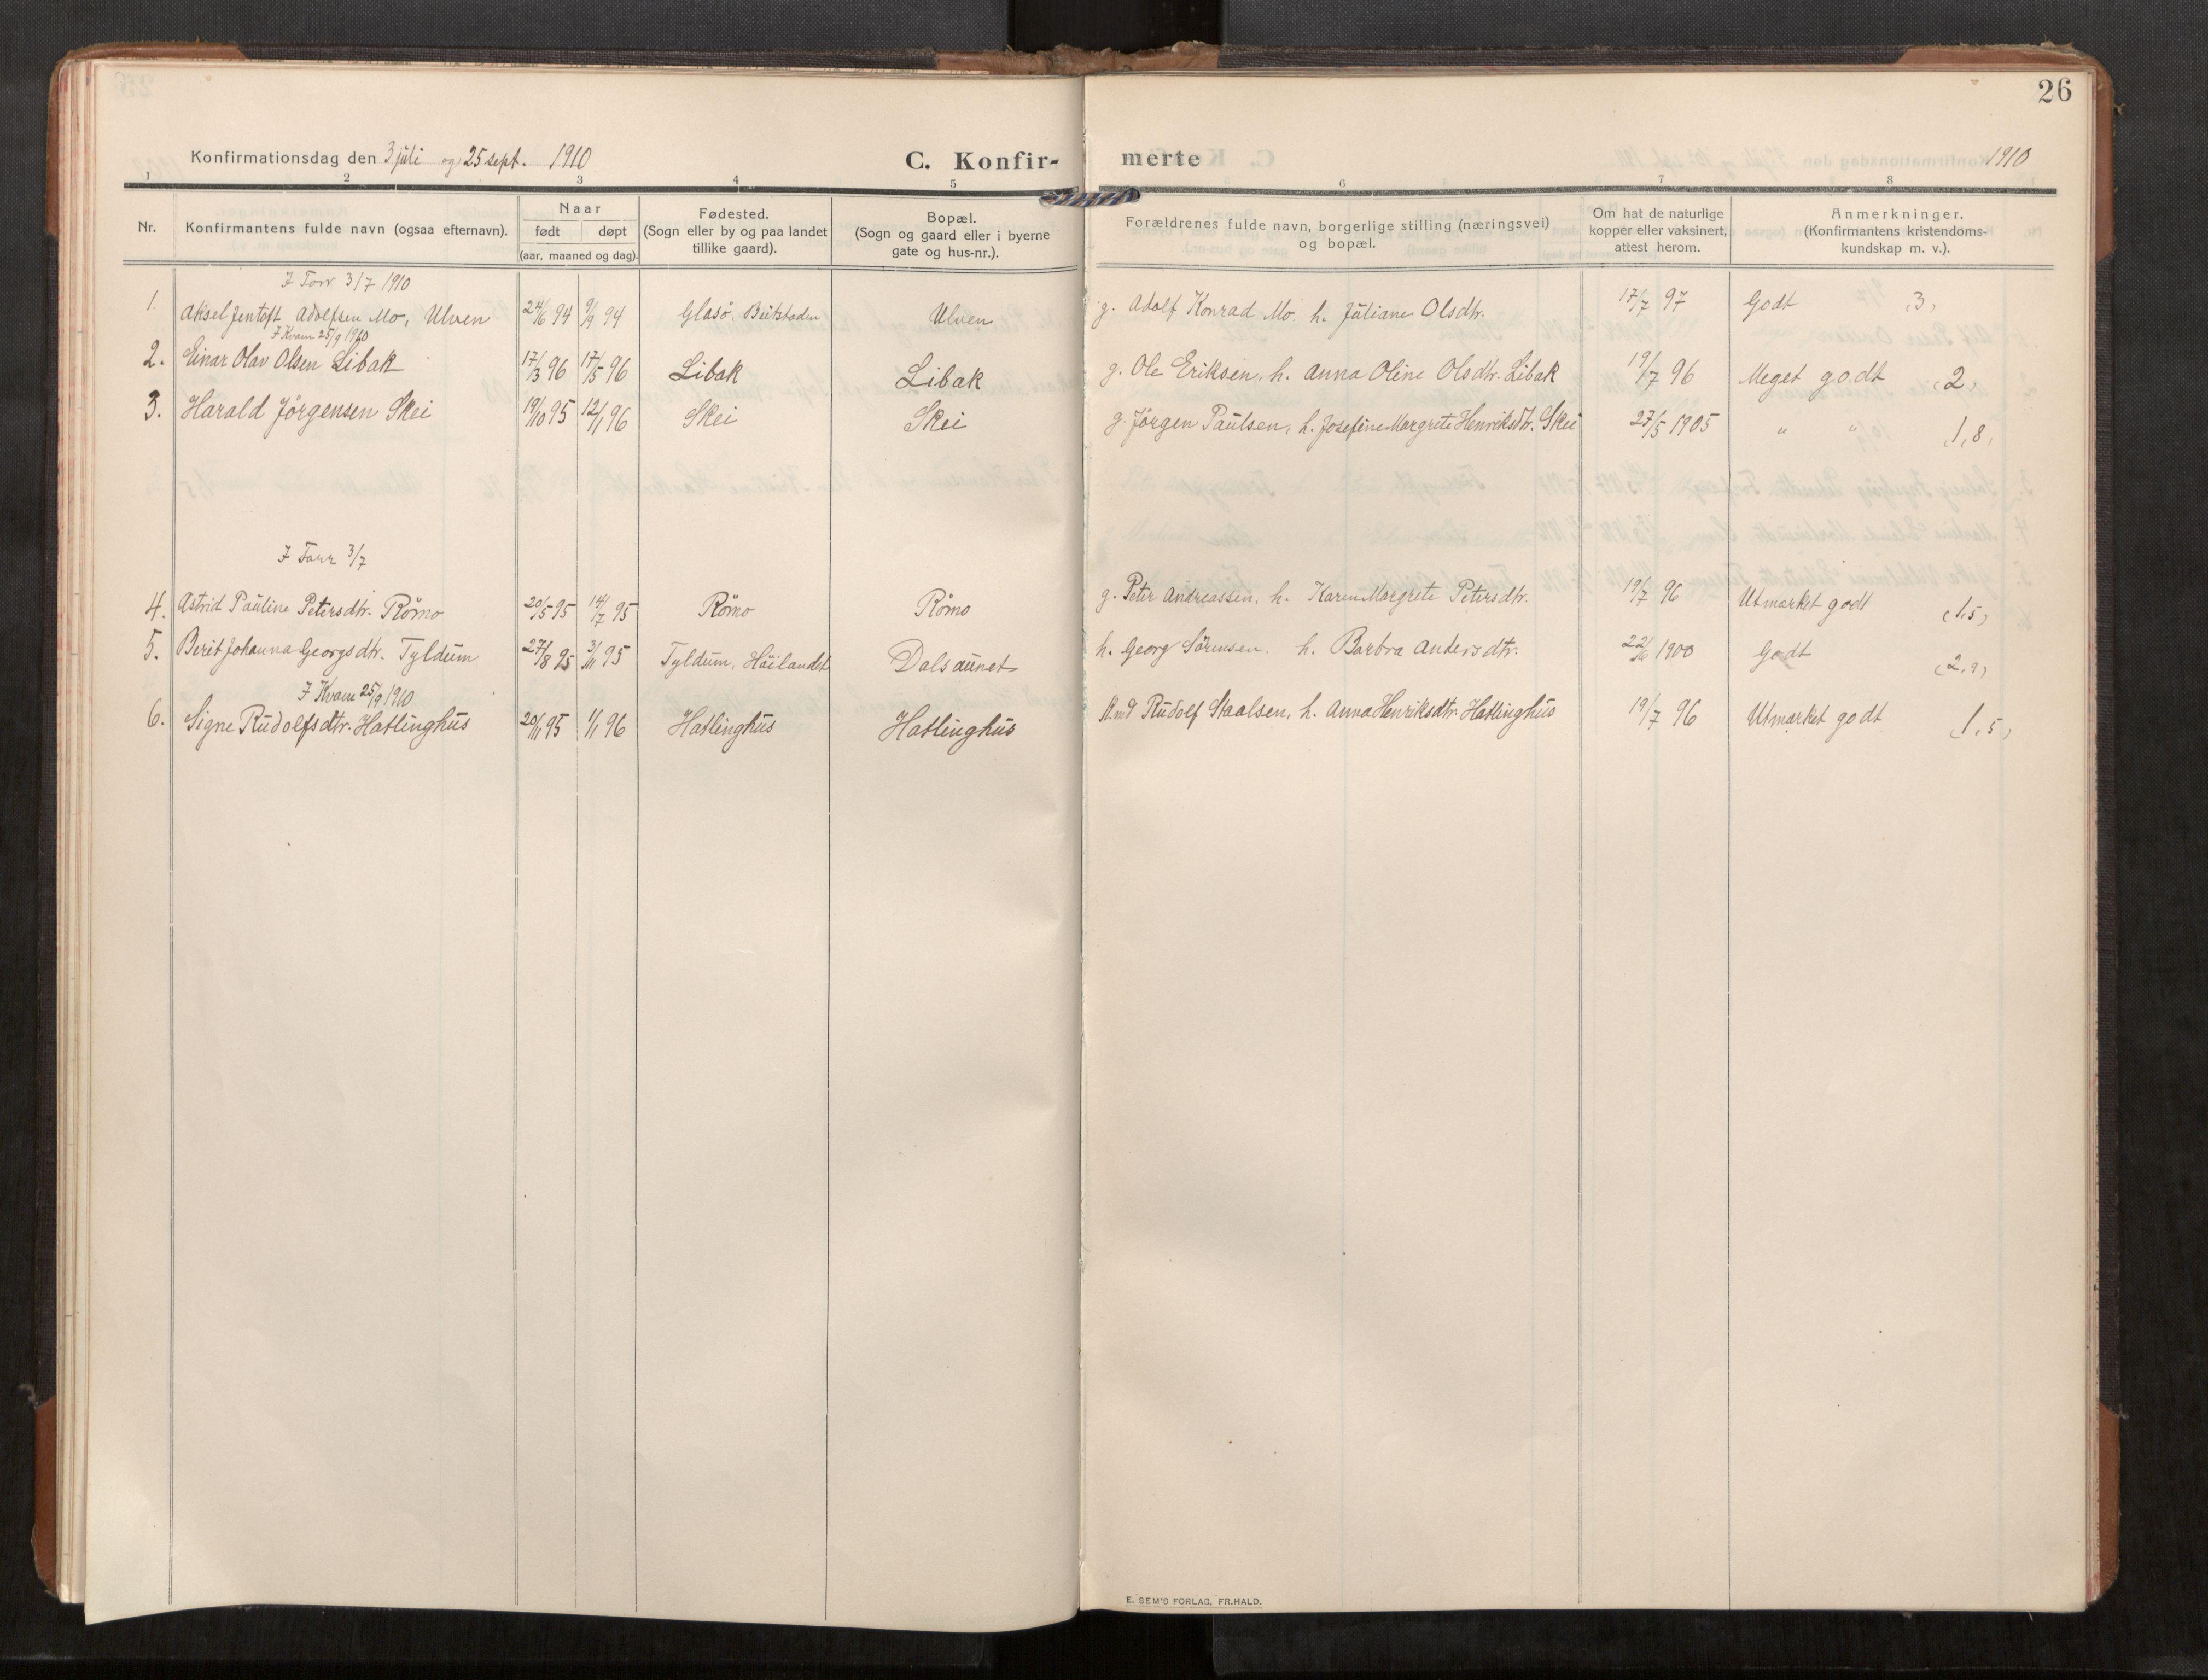 SAT, Stod sokneprestkontor, I/I1/I1a/L0003: Parish register (official) no. 3, 1909-1934, p. 26